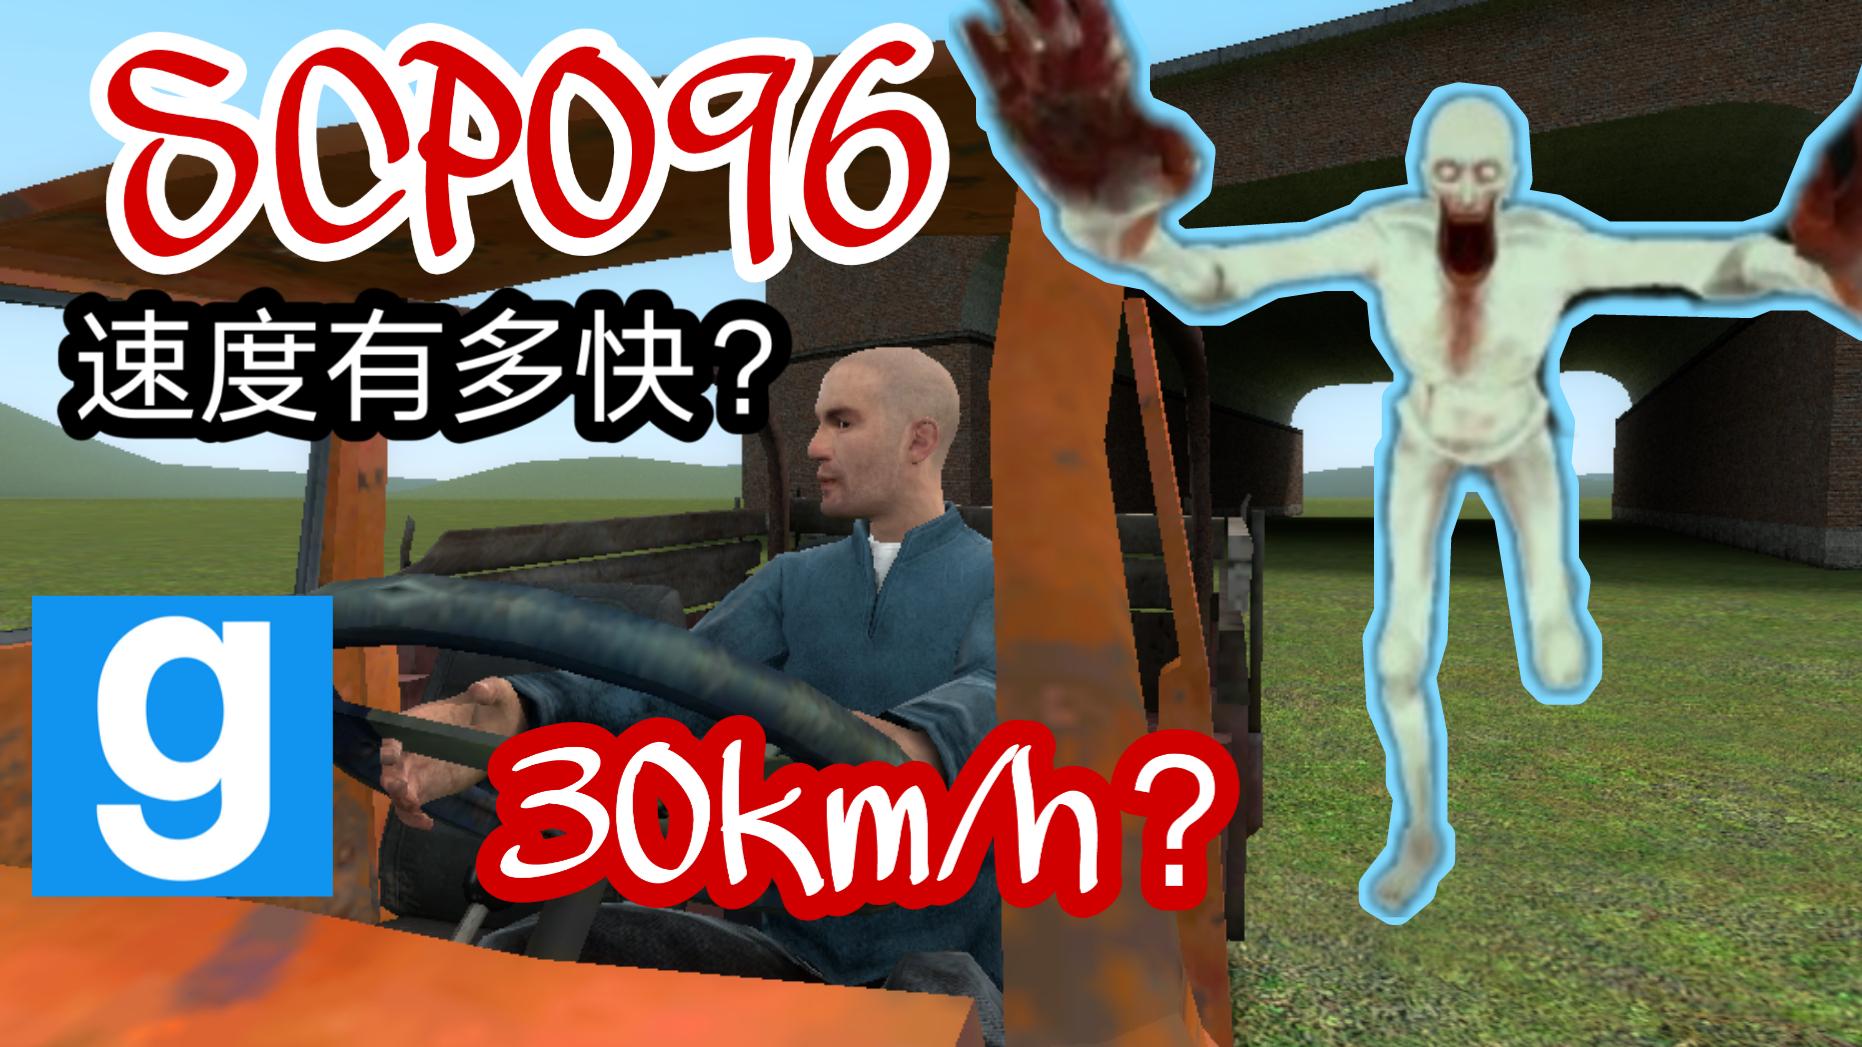 【Gmod】SCP096移动速度有多快?